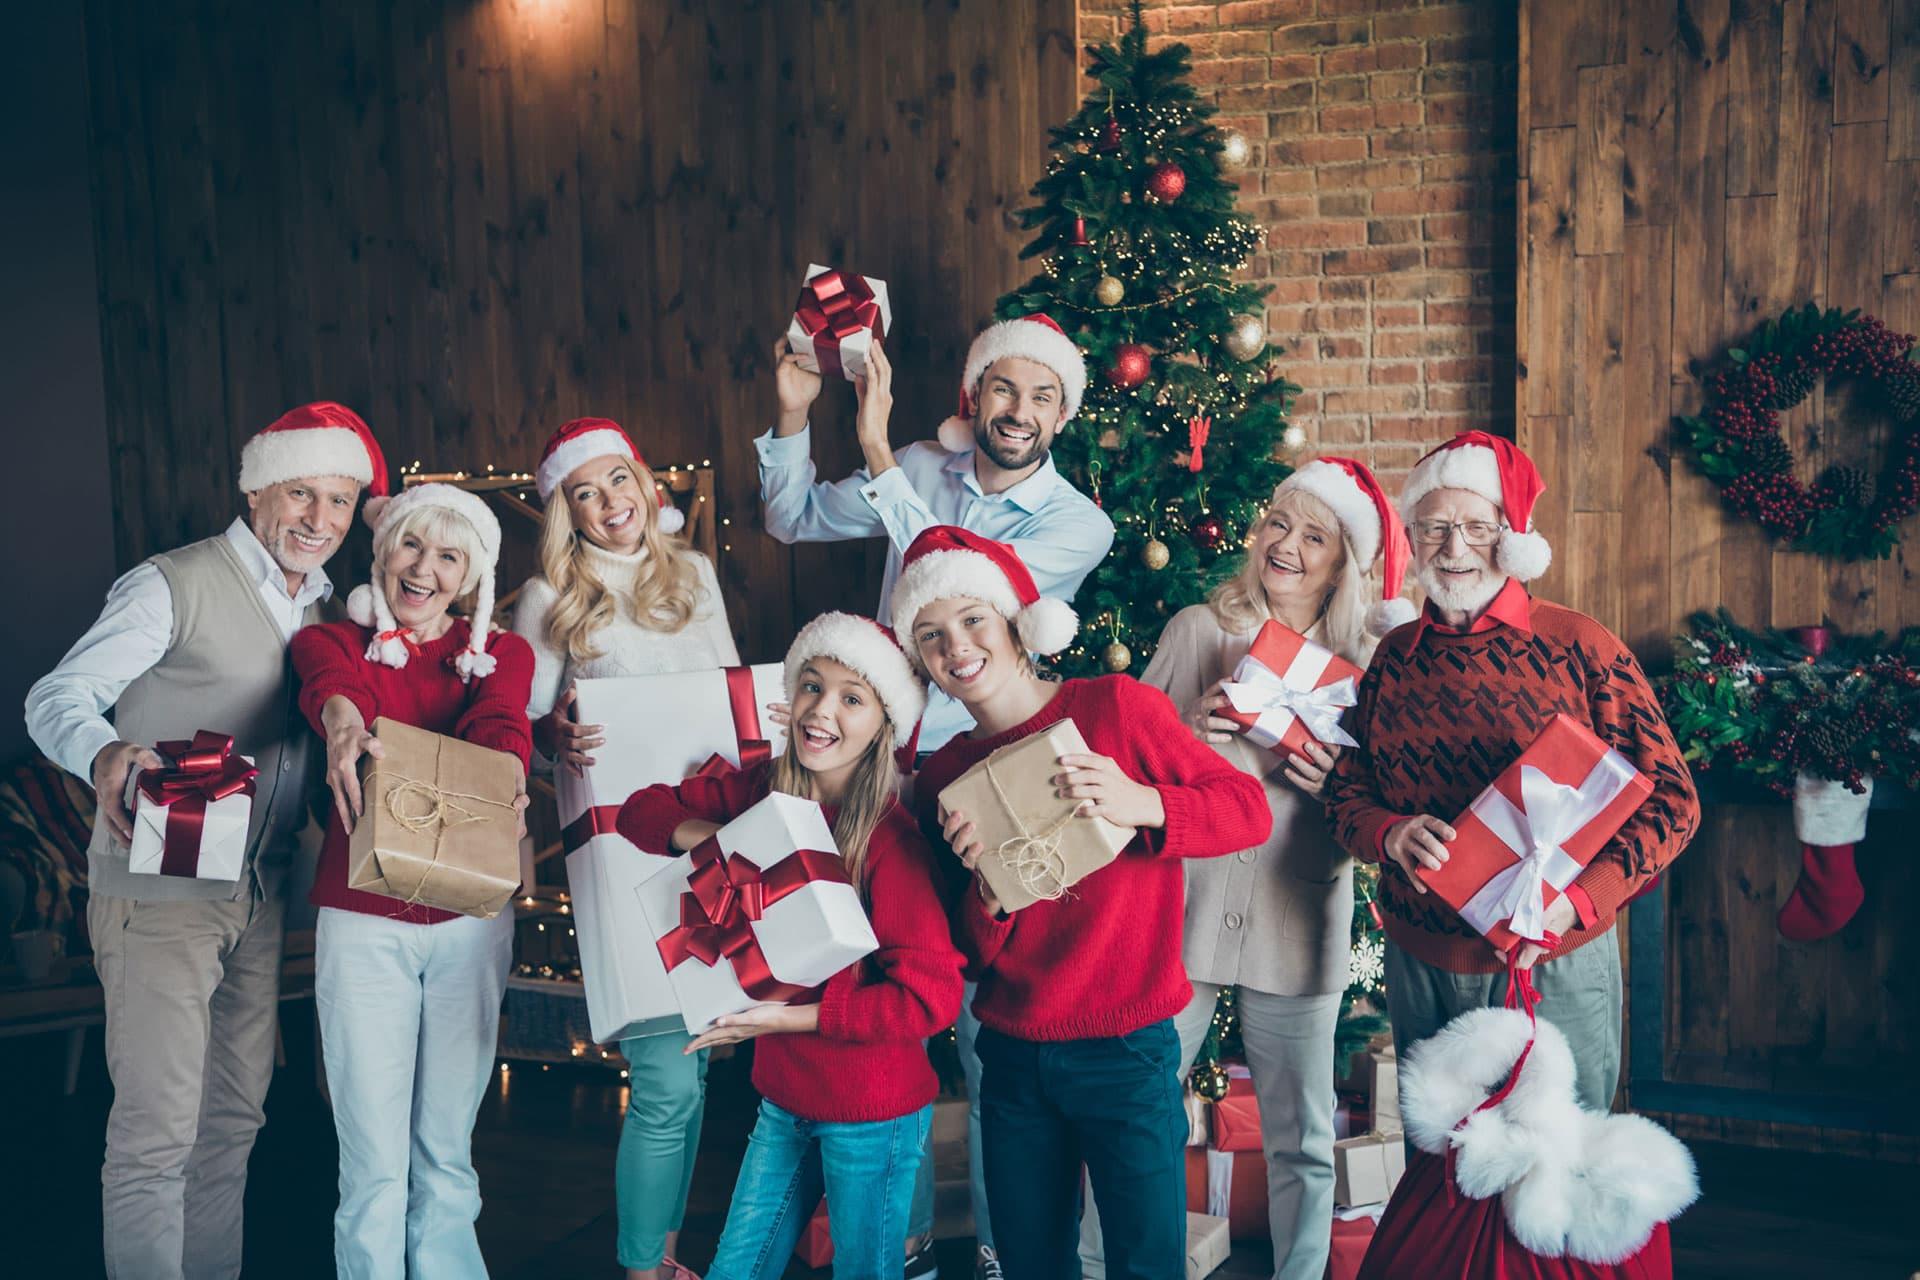 Weihnachtszeit: Zusammenkommen im großen oder kleinen Stil? Wie finden Sie das?